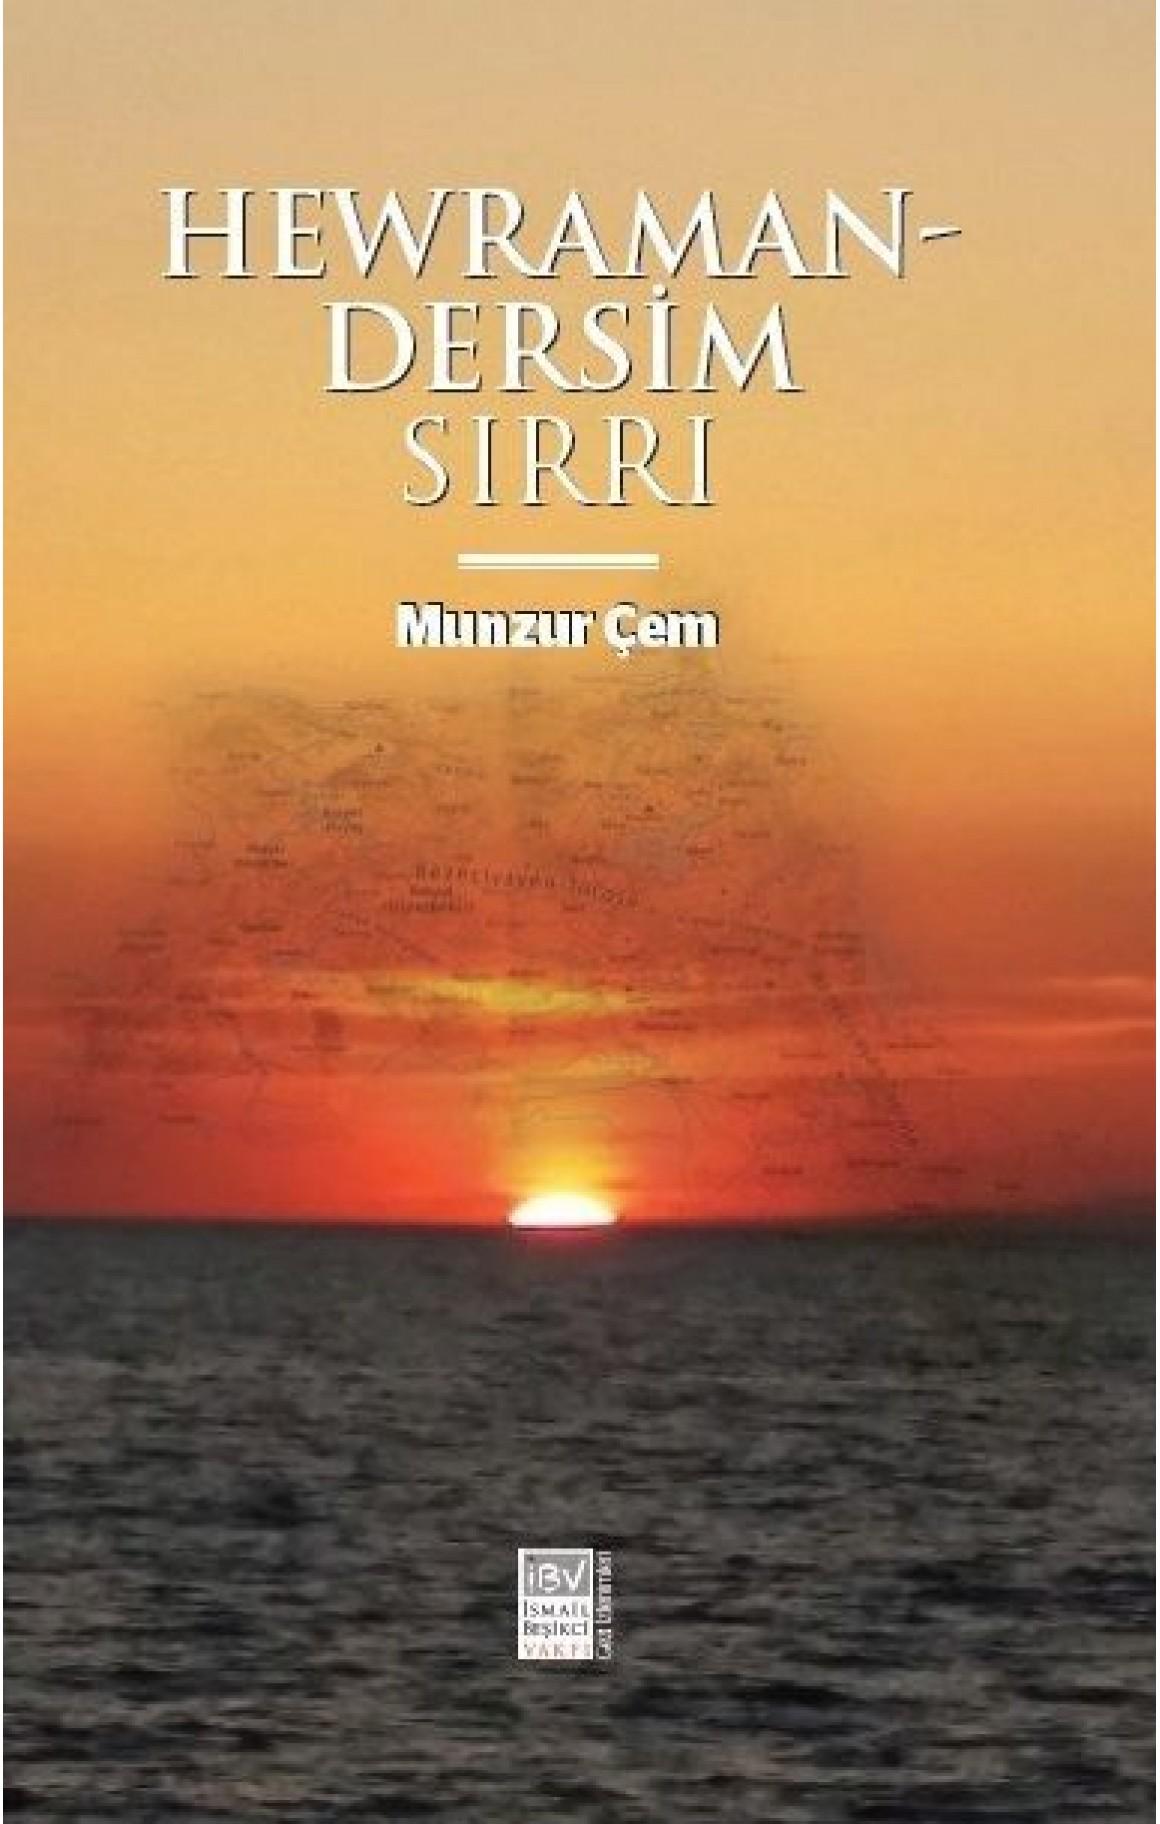 Hewraman - Dersim Sırrı